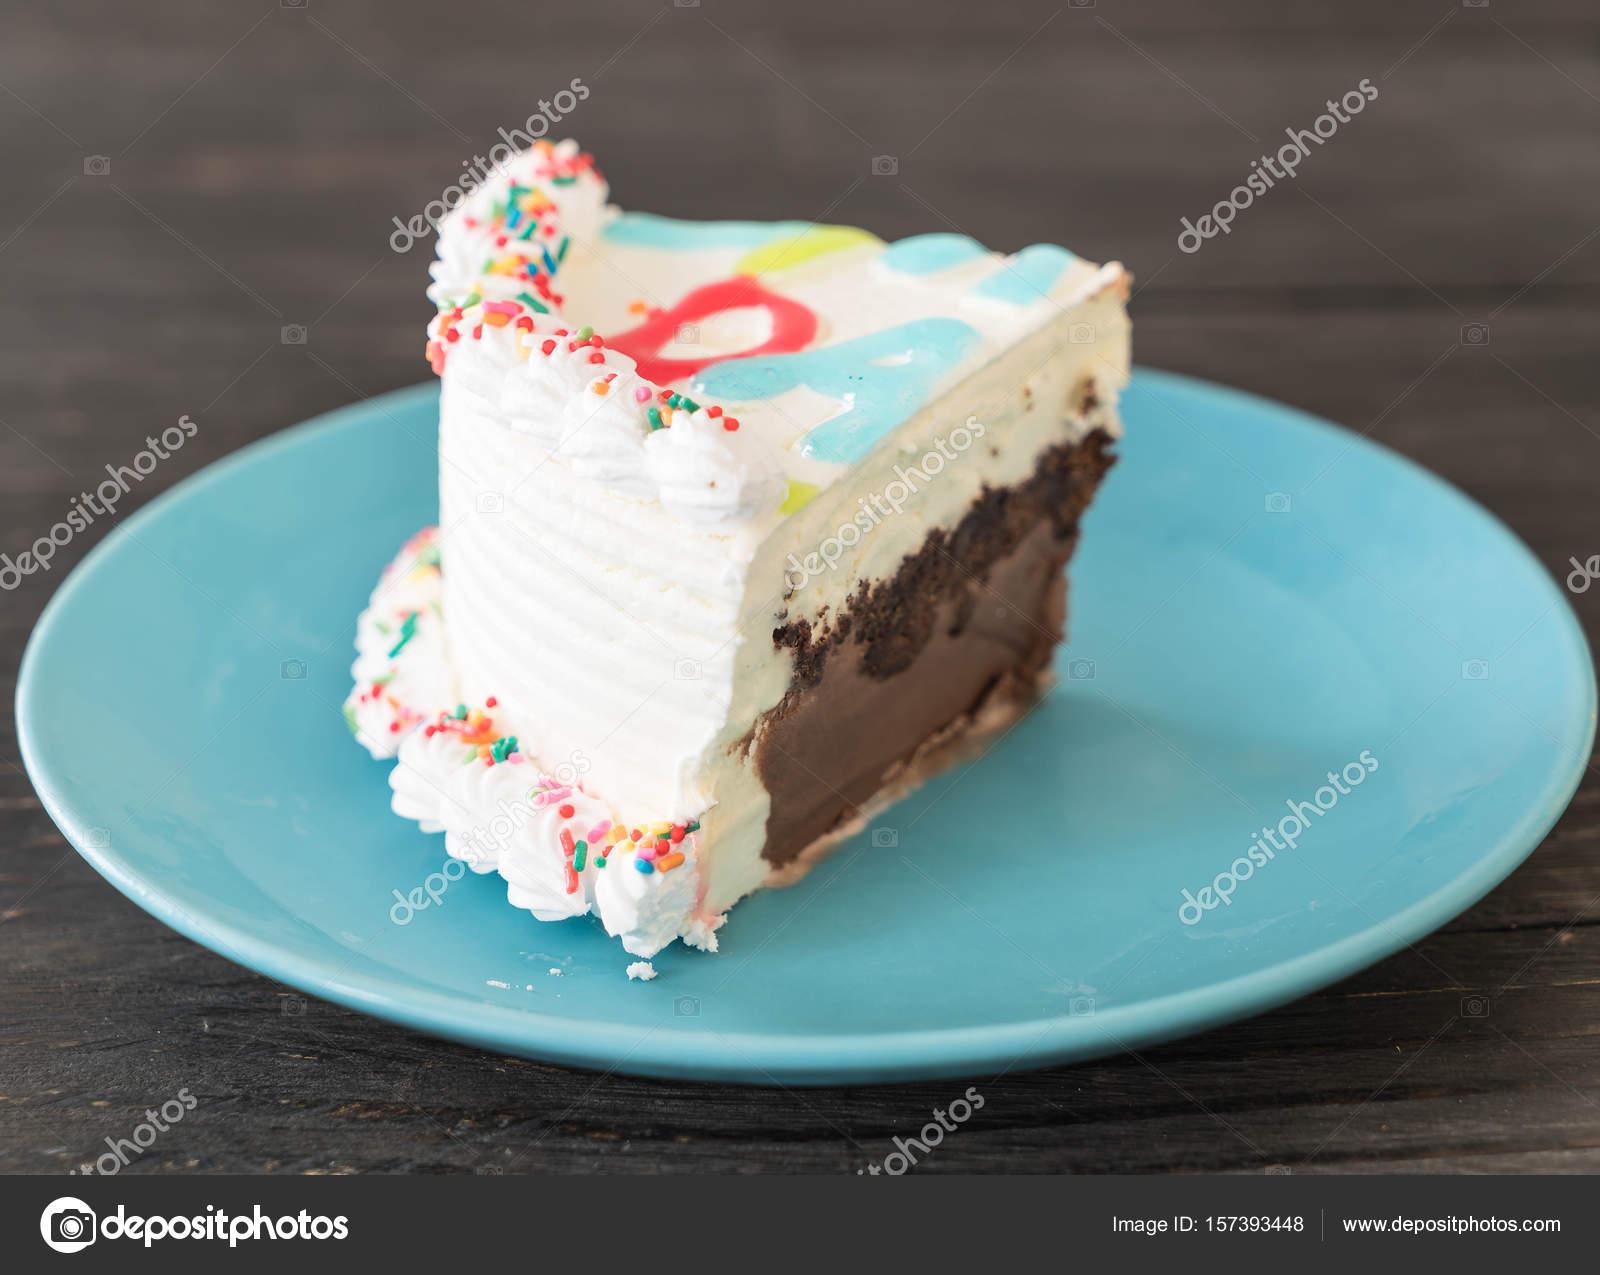 Happy Birthday Ice Cream Cake Stock Photo Topntp 157393448